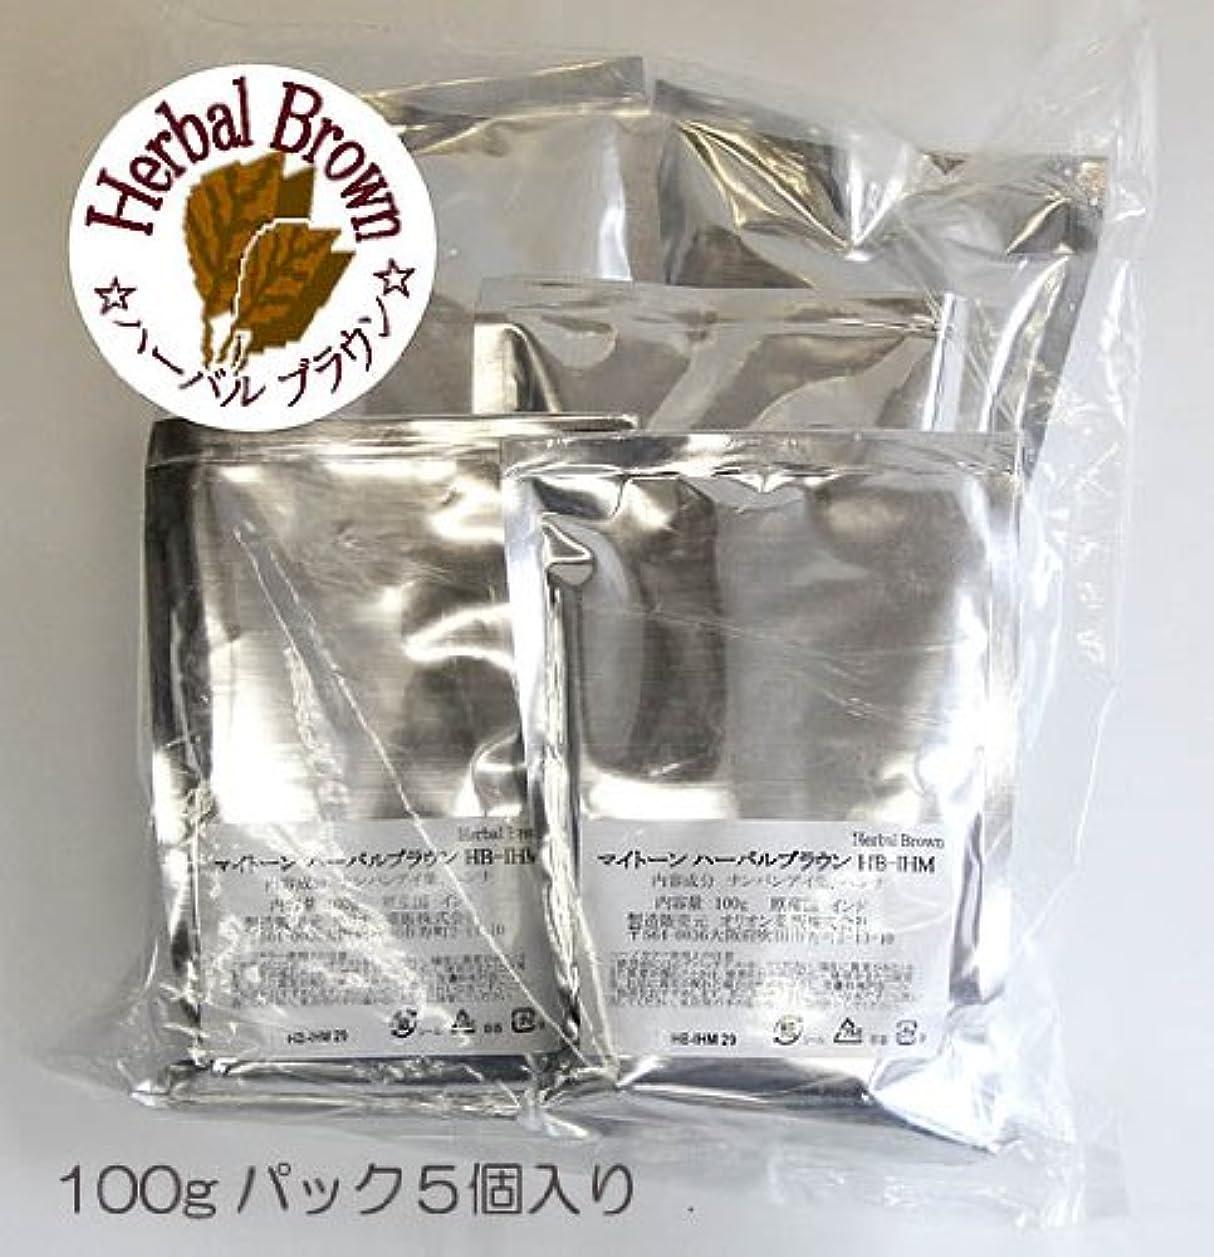 アプローチ酸素ワットファッションルーム ルネ ハーバルブラウン業務用バルクパック500(100g×5袋?500g)